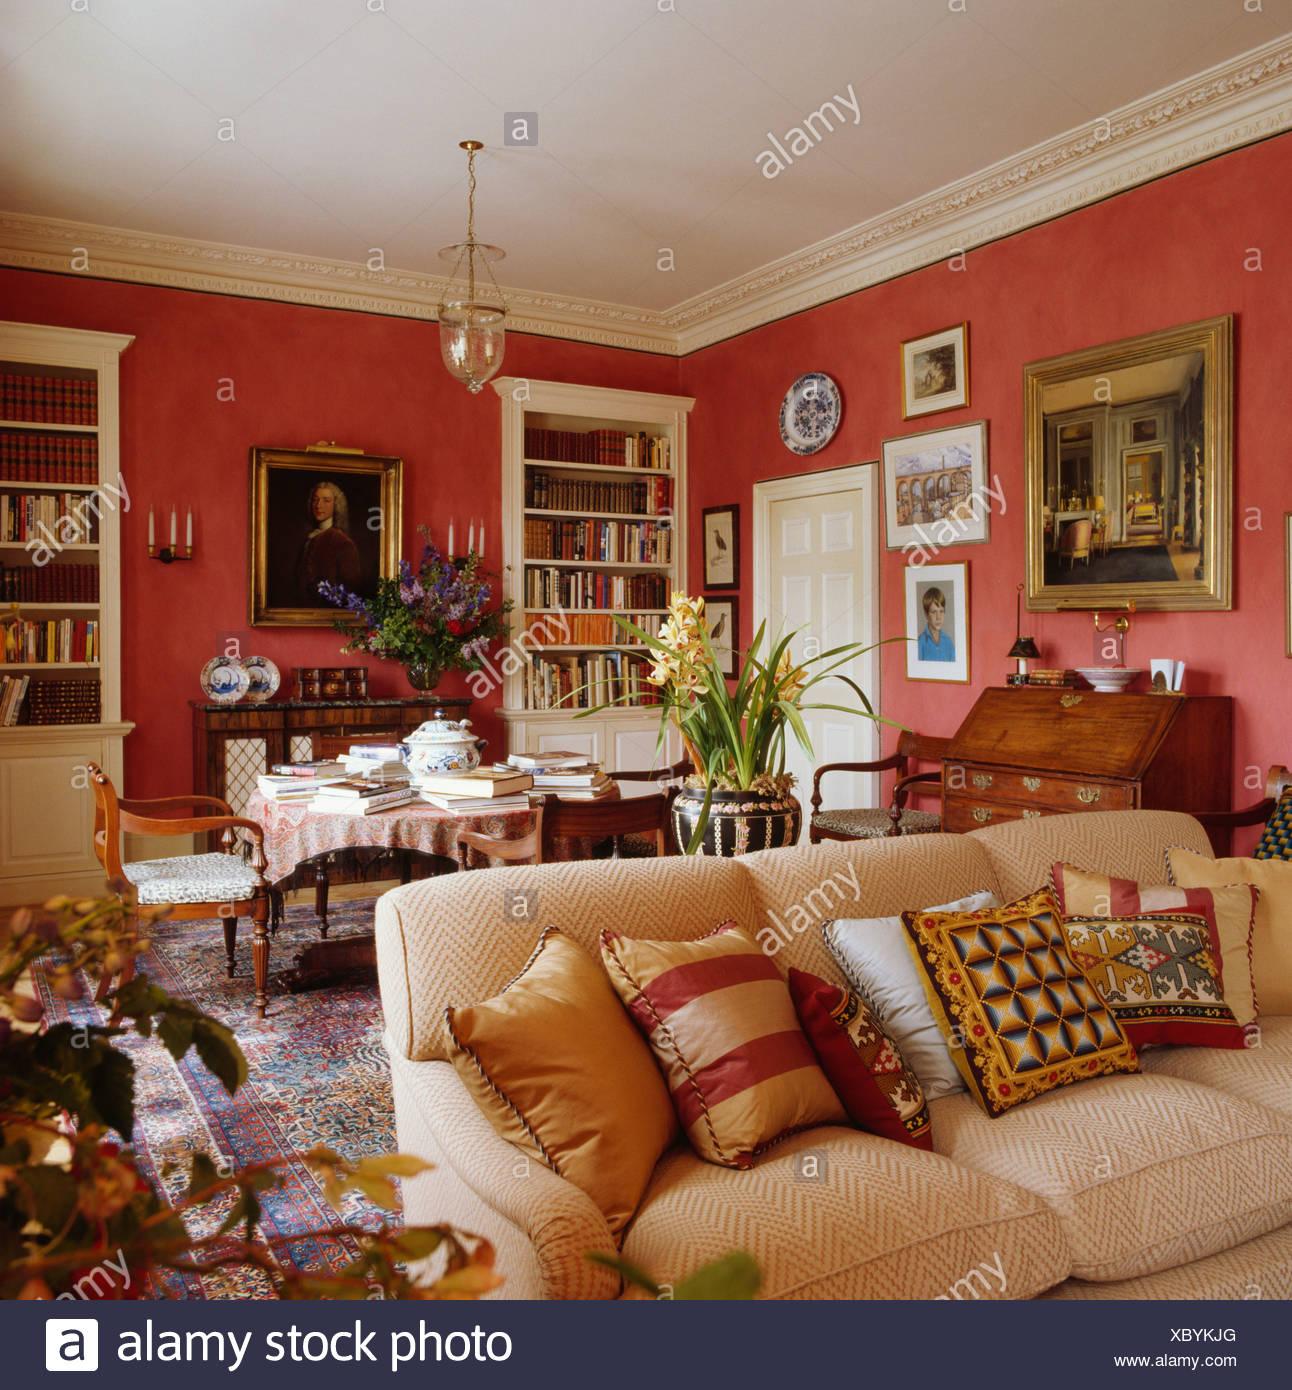 rouge traditionnel salon avec canap cr me empil avec coussins motifs banque d 39 images photo. Black Bedroom Furniture Sets. Home Design Ideas